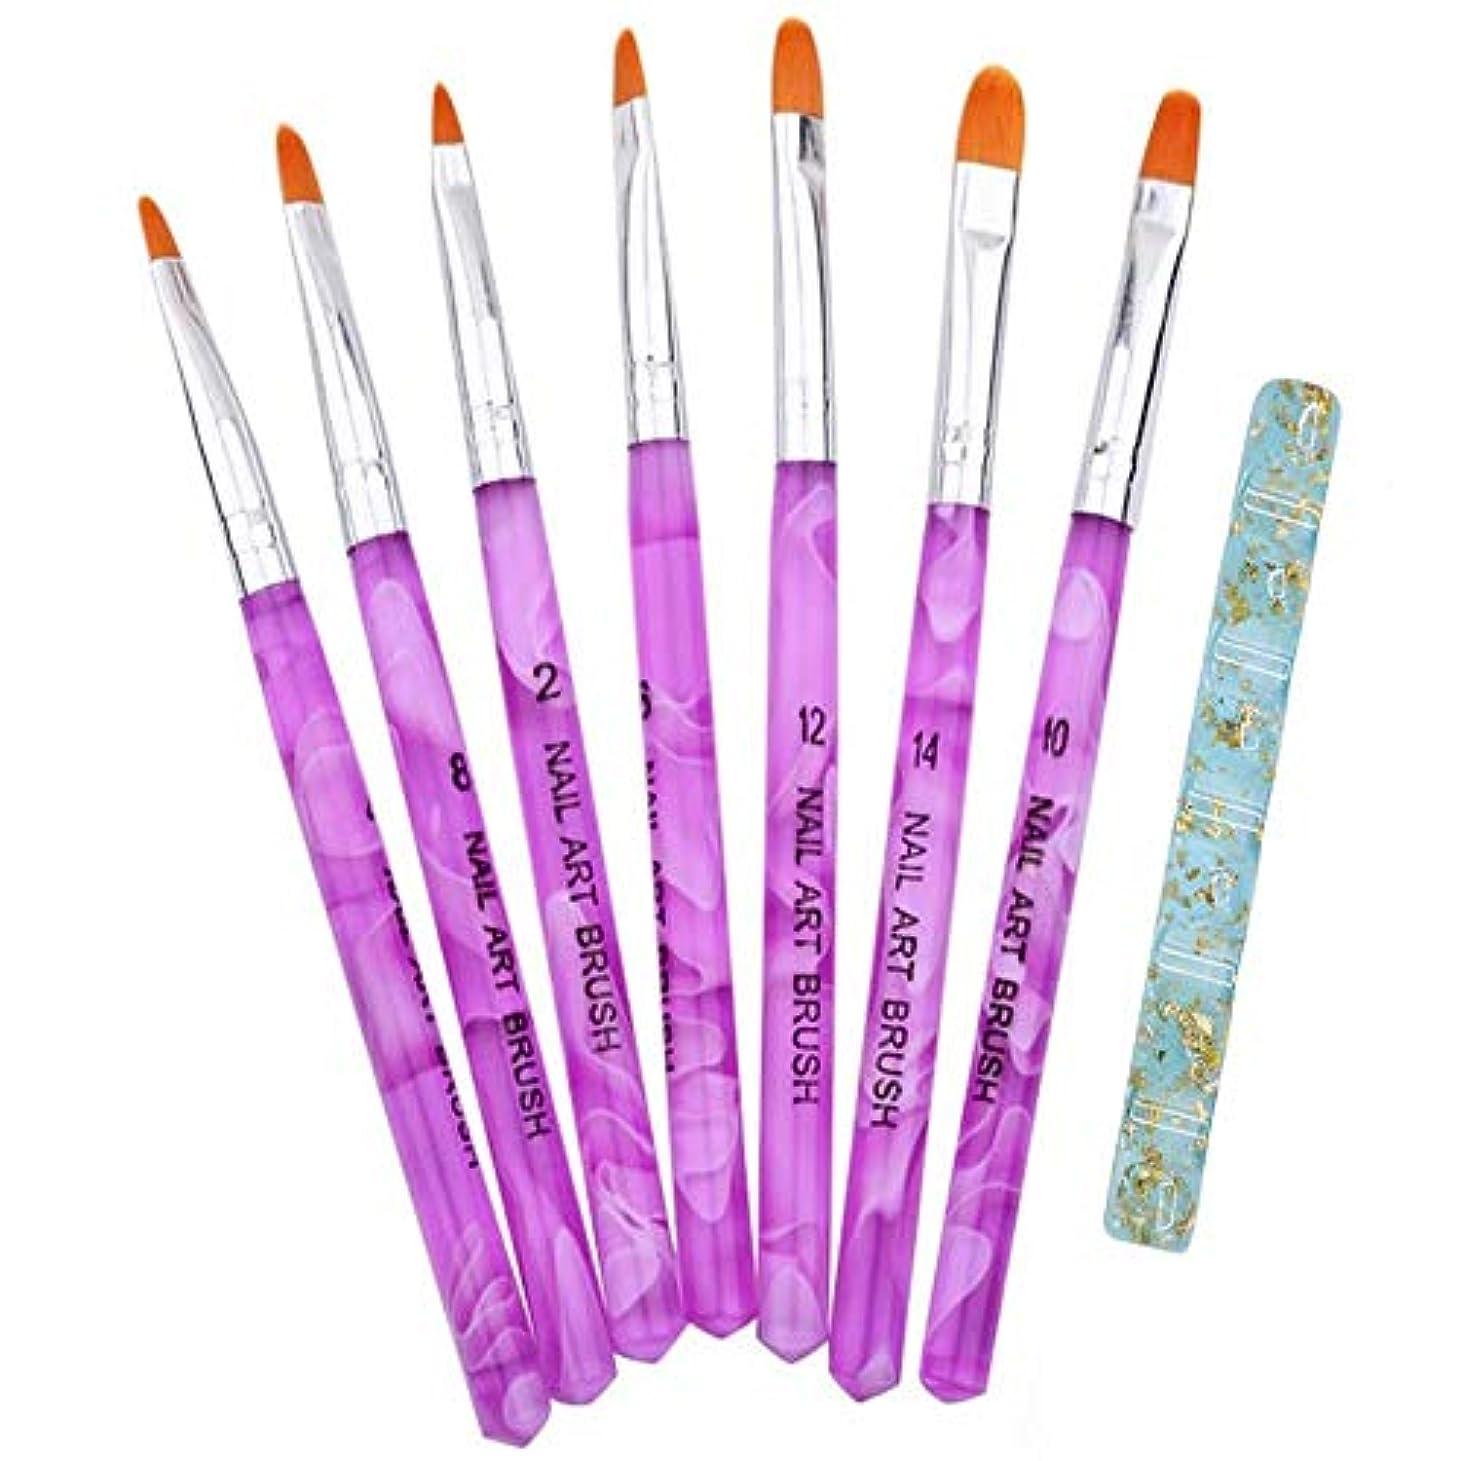 平野言い直す記憶ジェル ネイル ブラシ UV 用 平筆 ブラシ 7本 セット 爪 アート